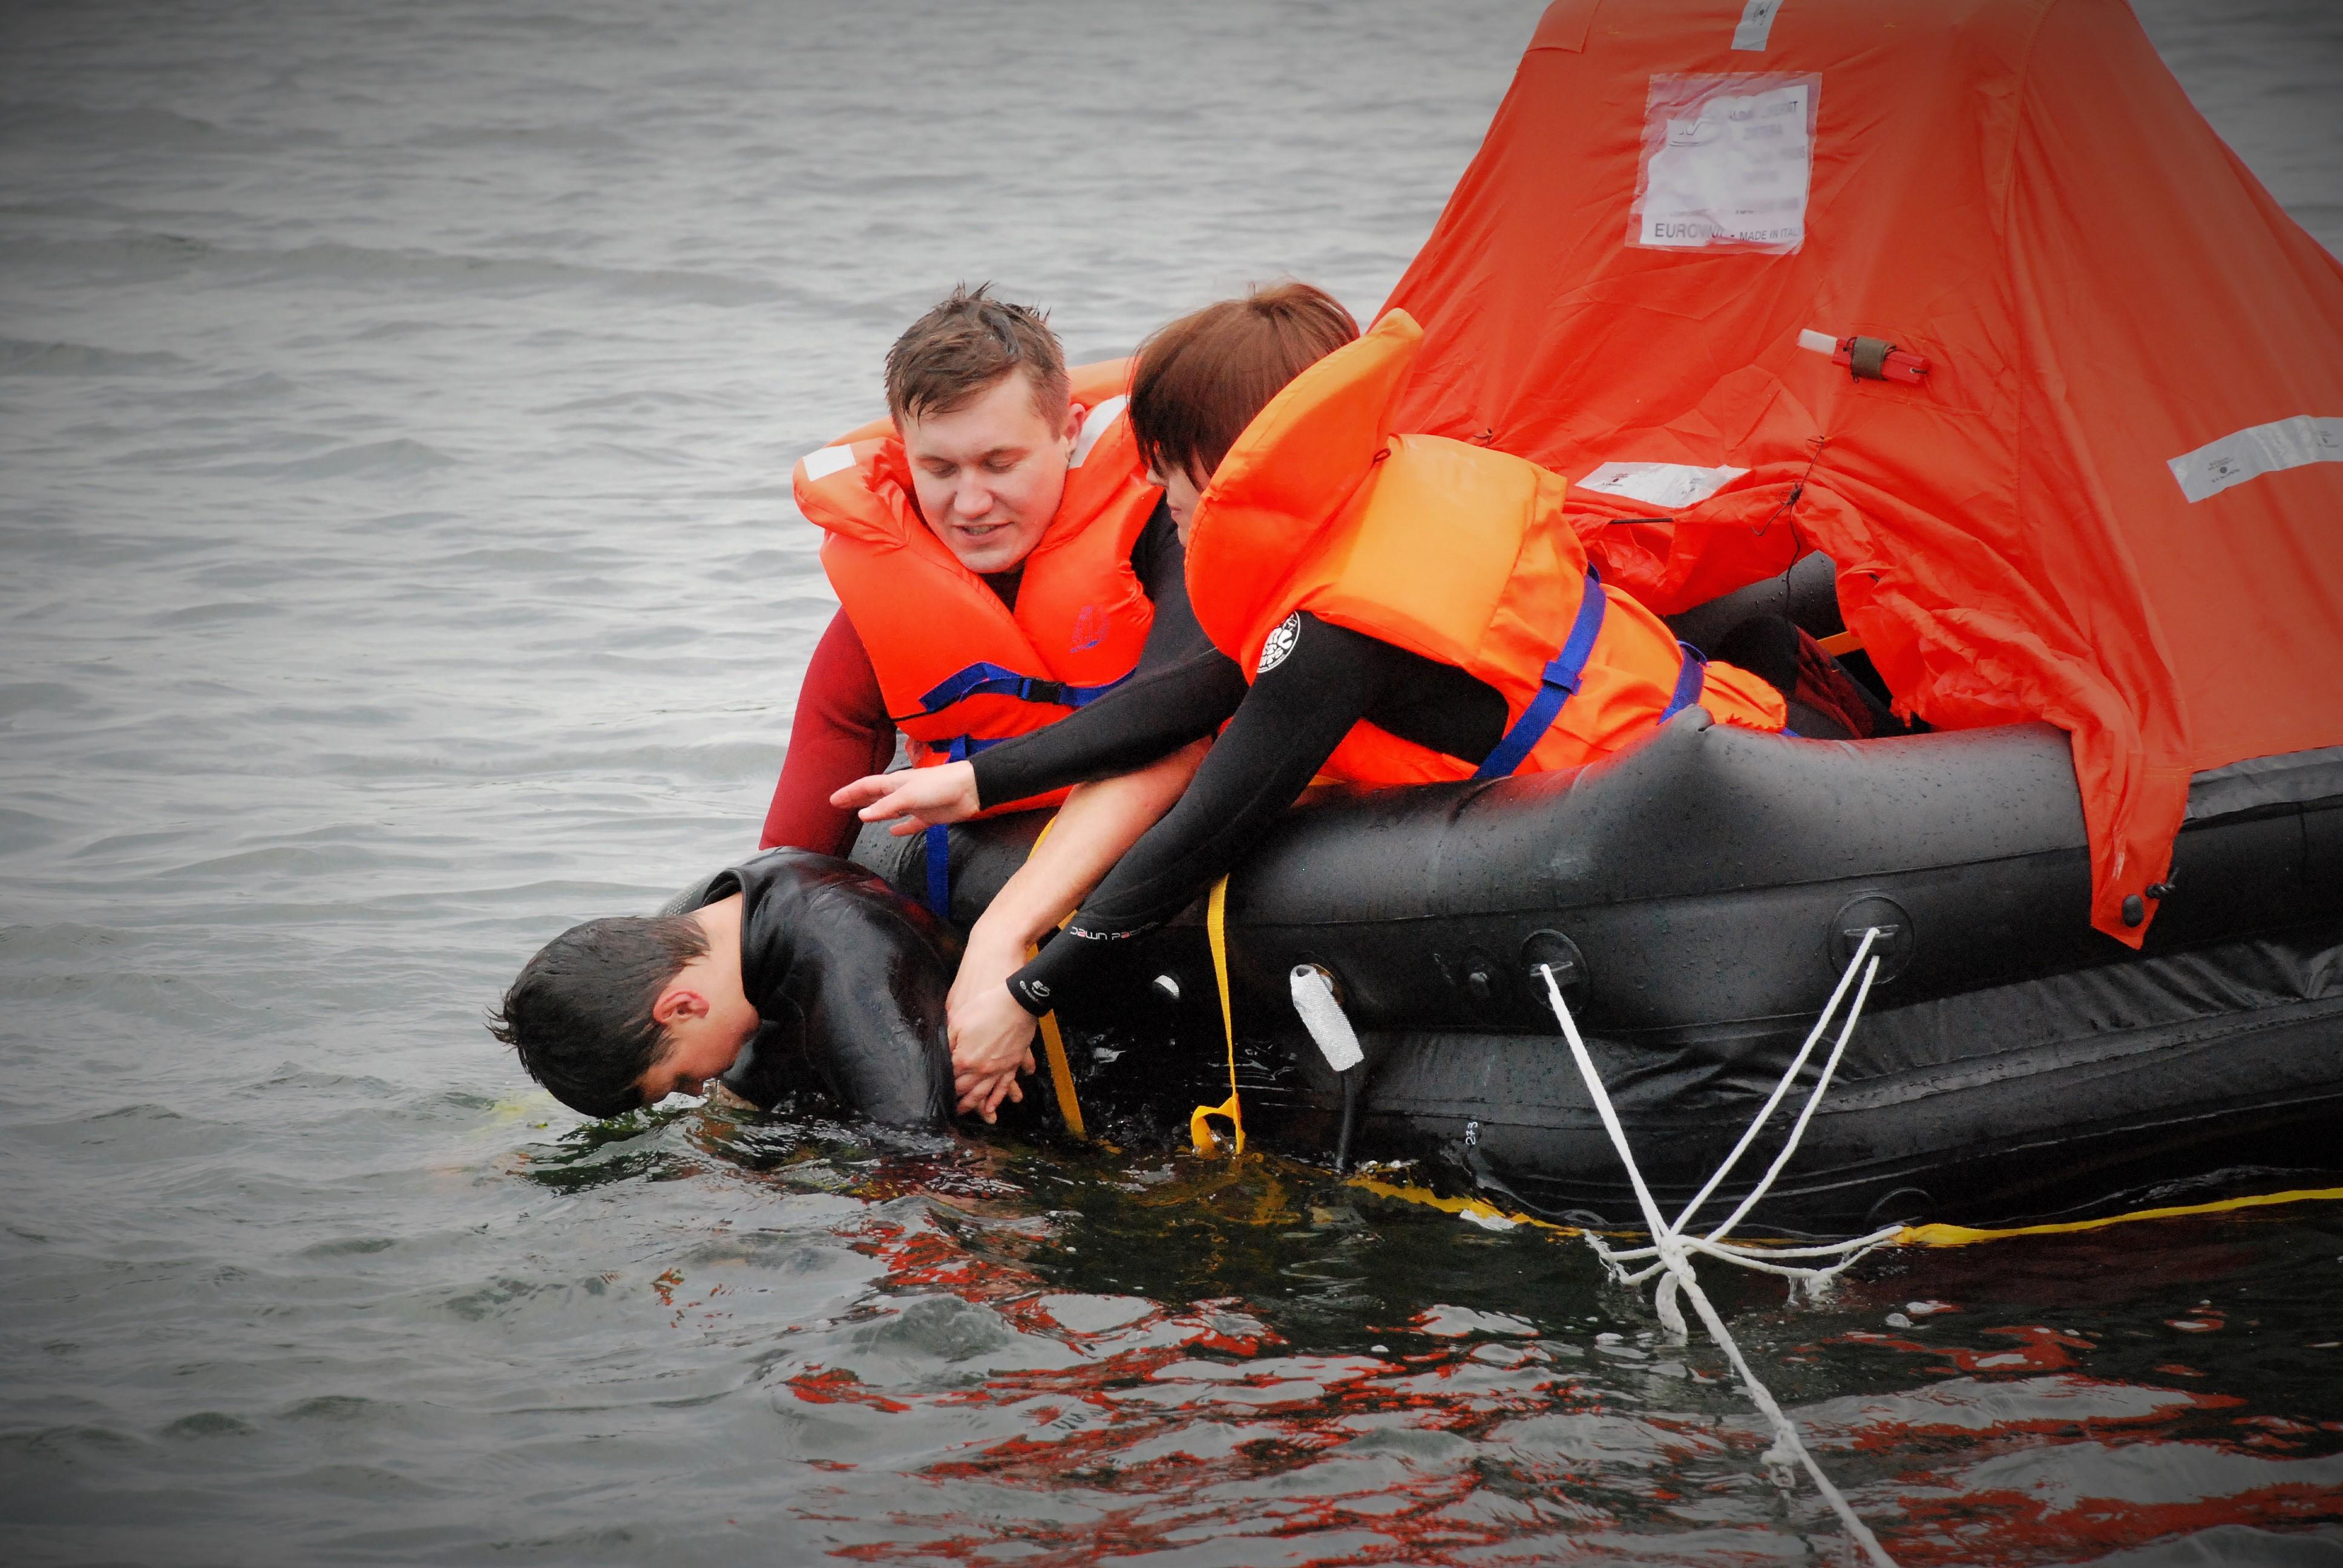 Kursy pierwszej pomocy dla nurków i żeglarzy